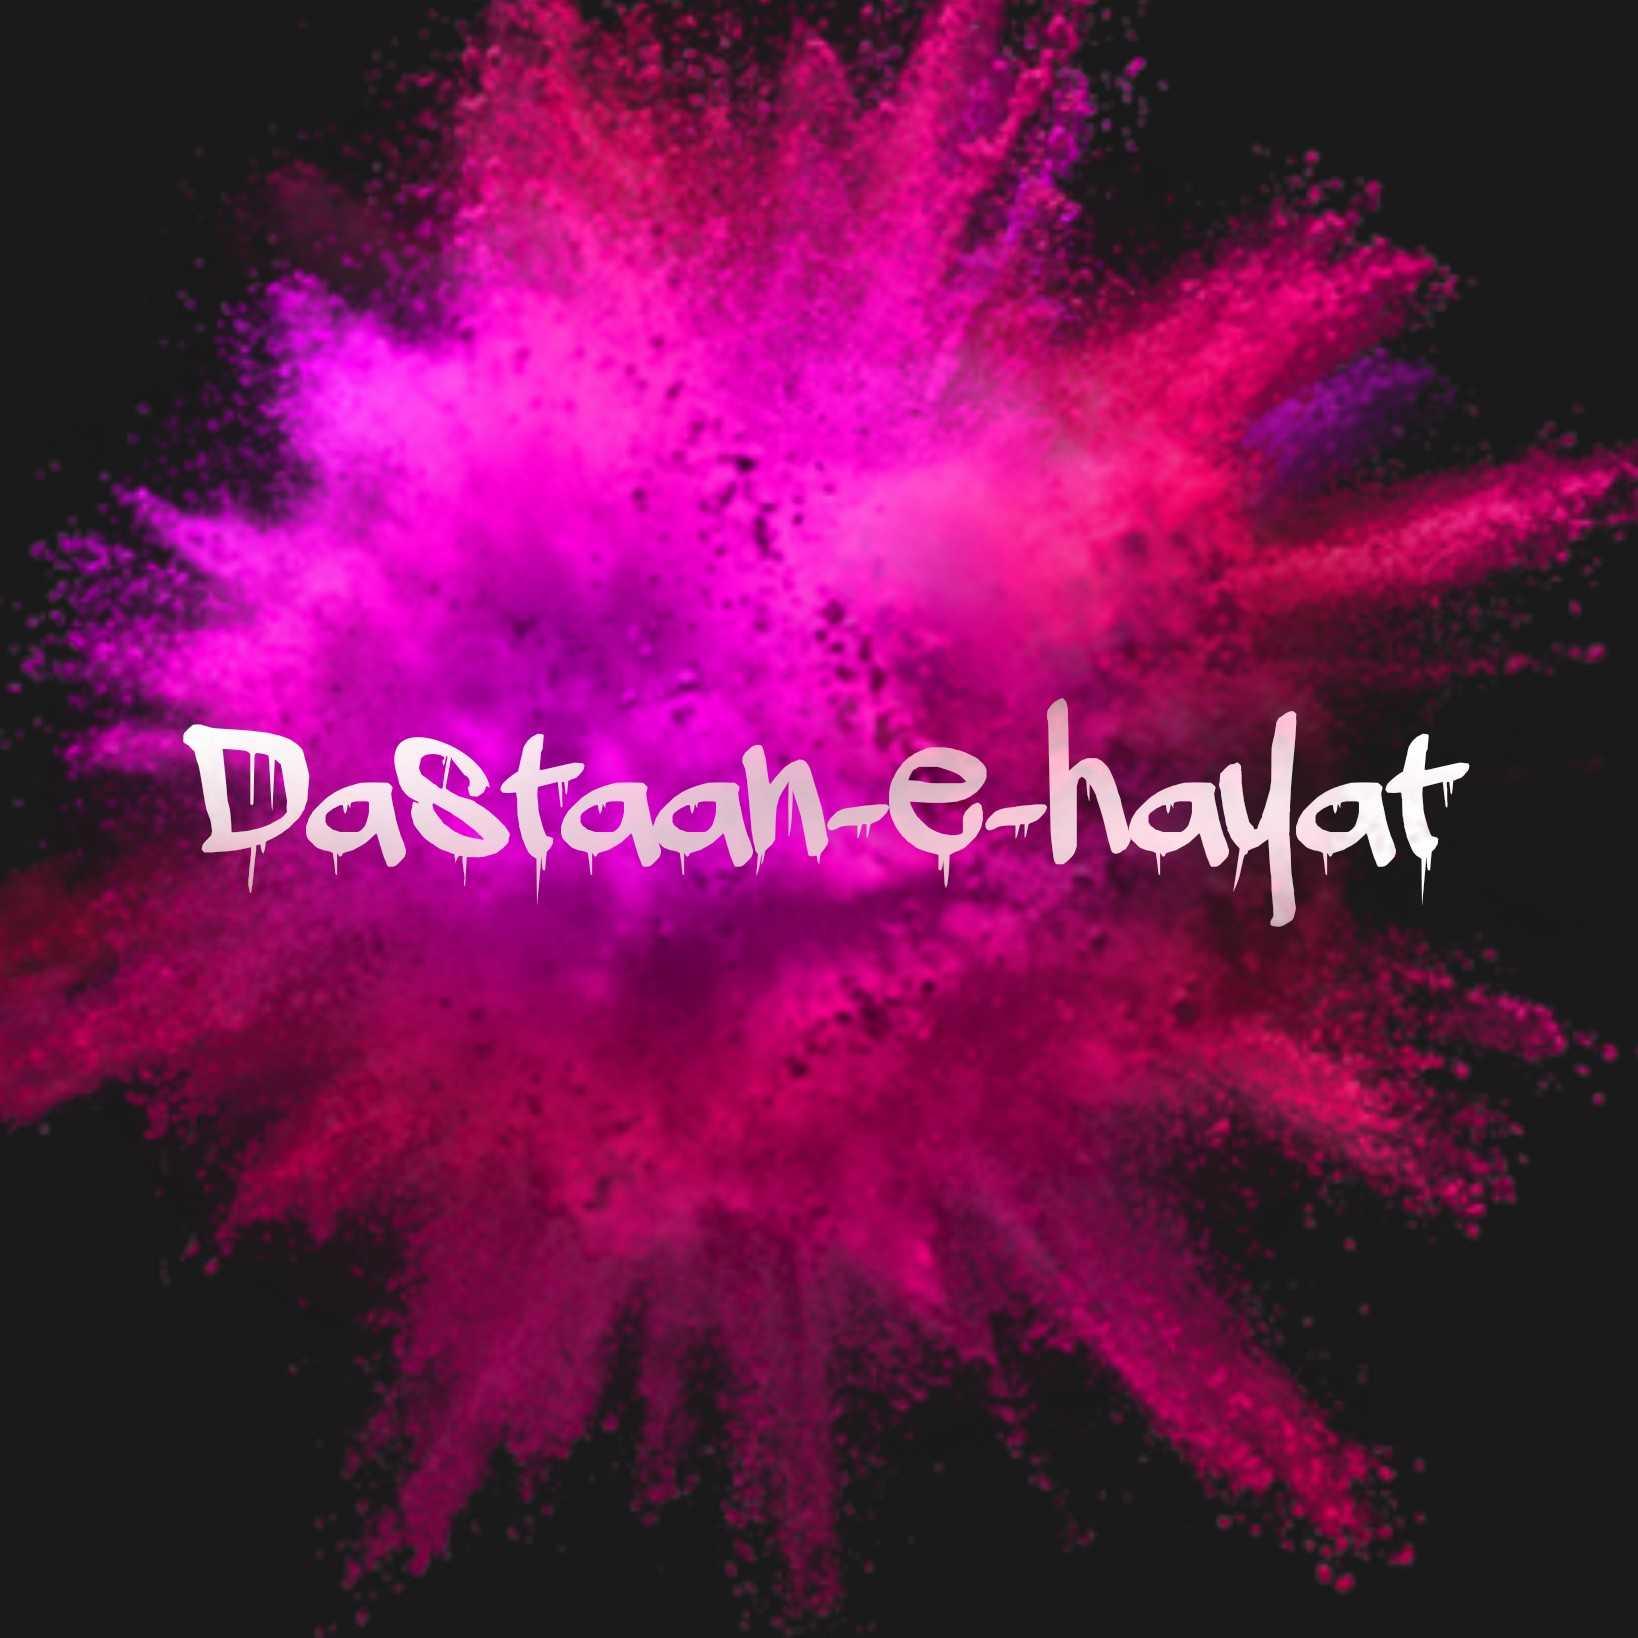 Dastaan-e-hayat #dastaan-e-hayat ~ story of life ❤ #amateurwritter Pur az jazbaat ❣ Ek chhoti si khwaish hai bas use pura karna h Pankh na bhi ho mujhe phr bhi udna h